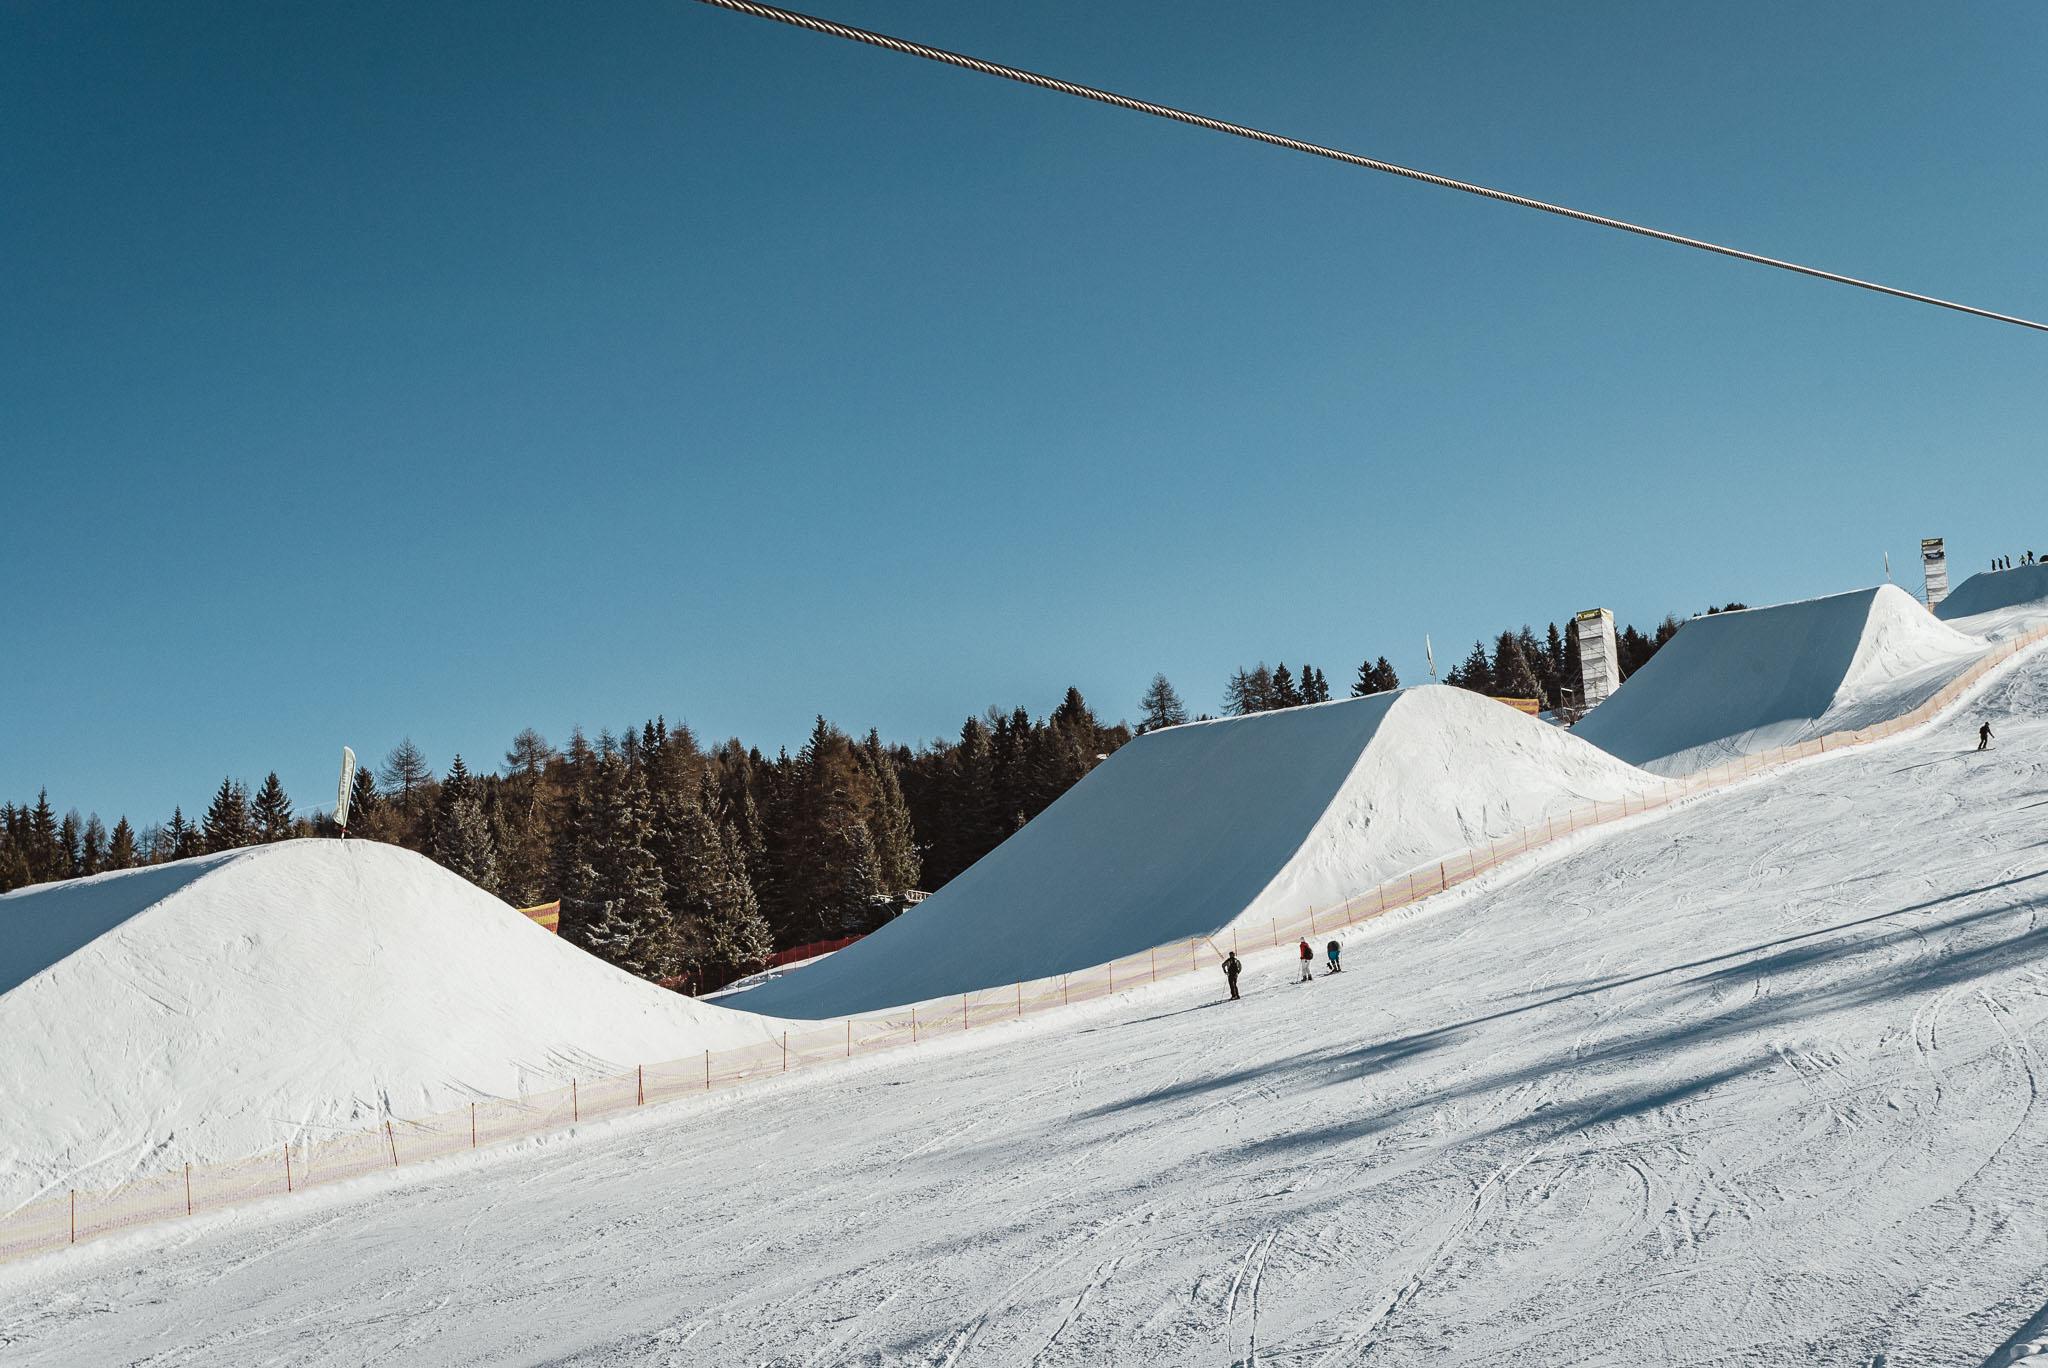 Die Park Crew hat für die Pro Jumps massive Hügel aufgeschoben, die perfekt funktionieren.